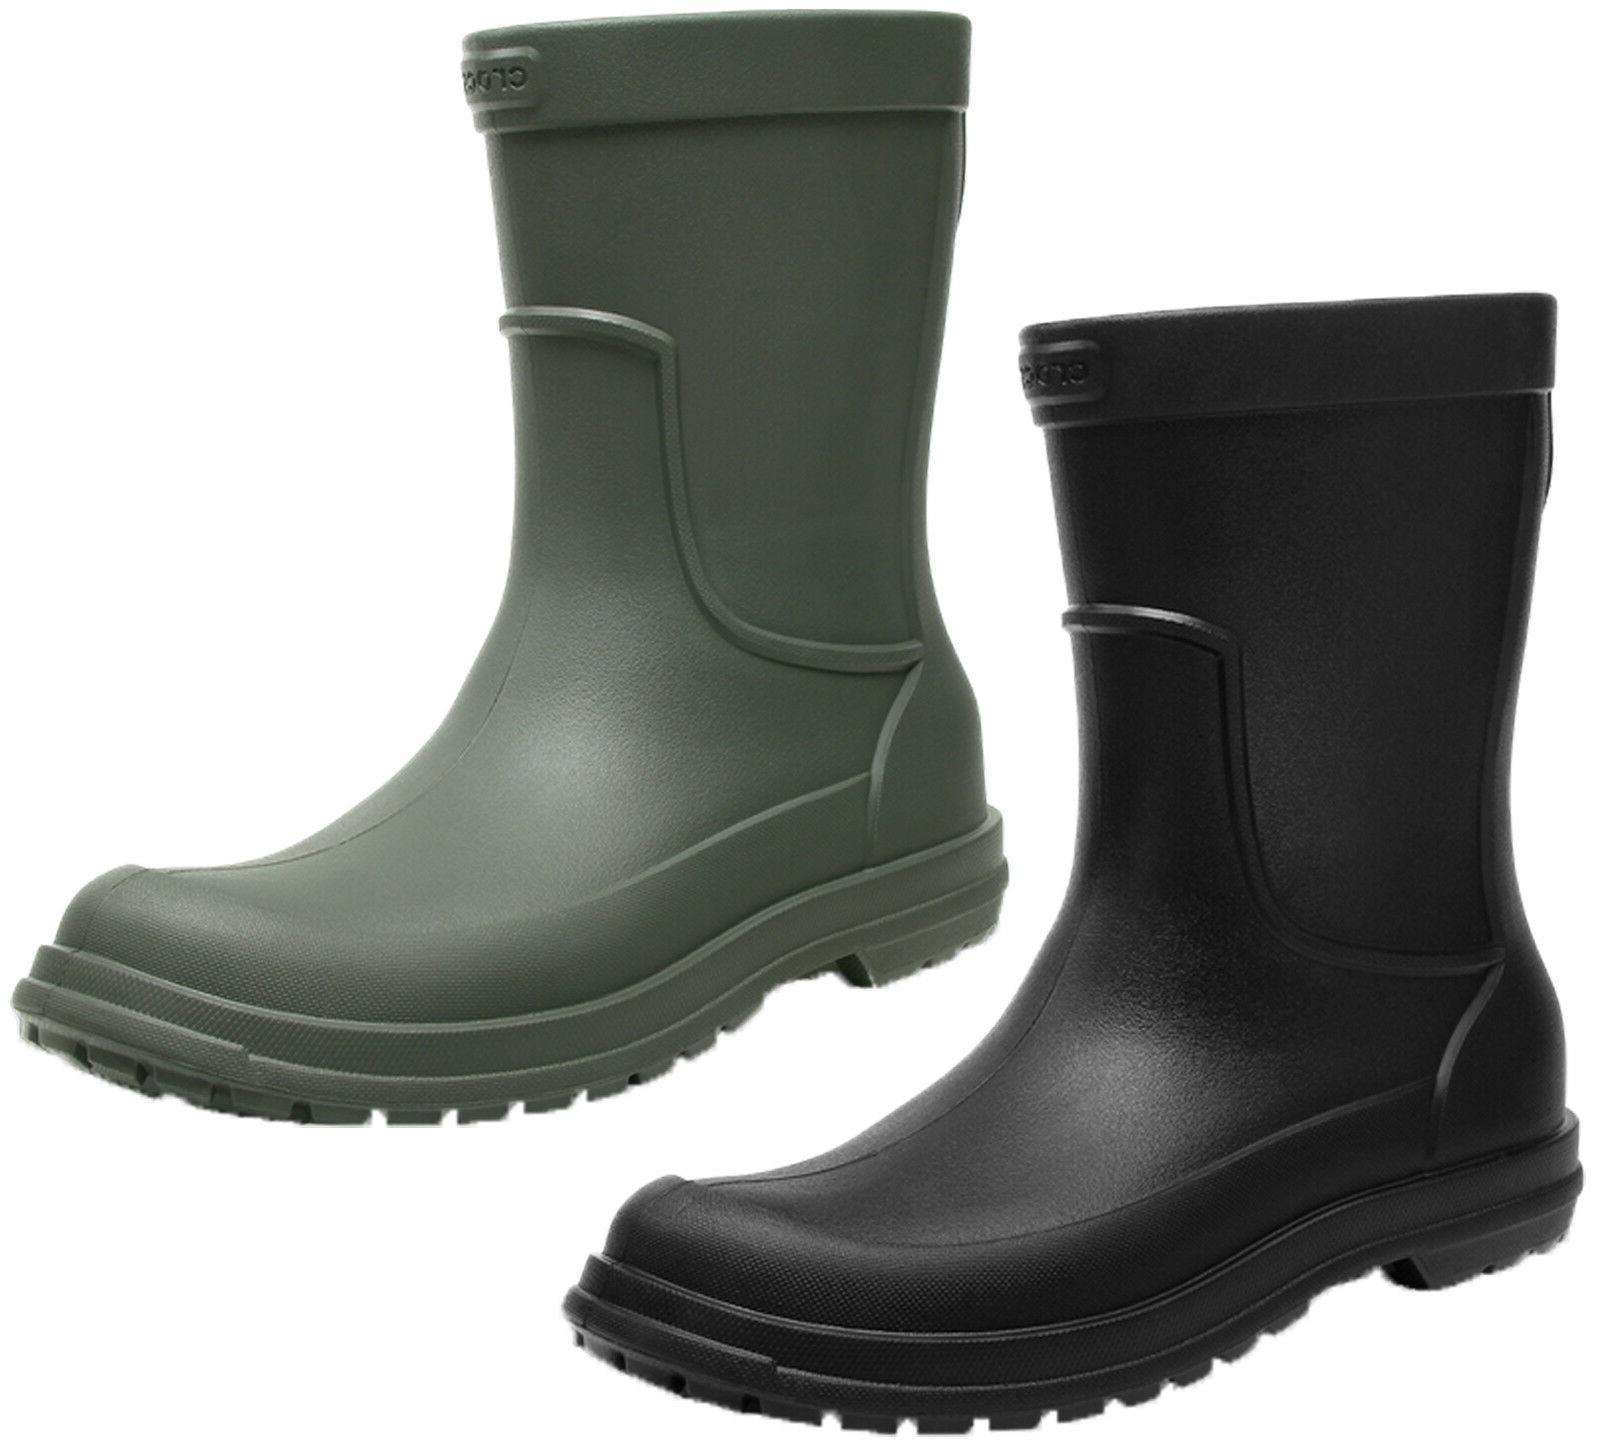 Crocs All Cast Rain Boots Mens Wellingtons Soft Cushioned We